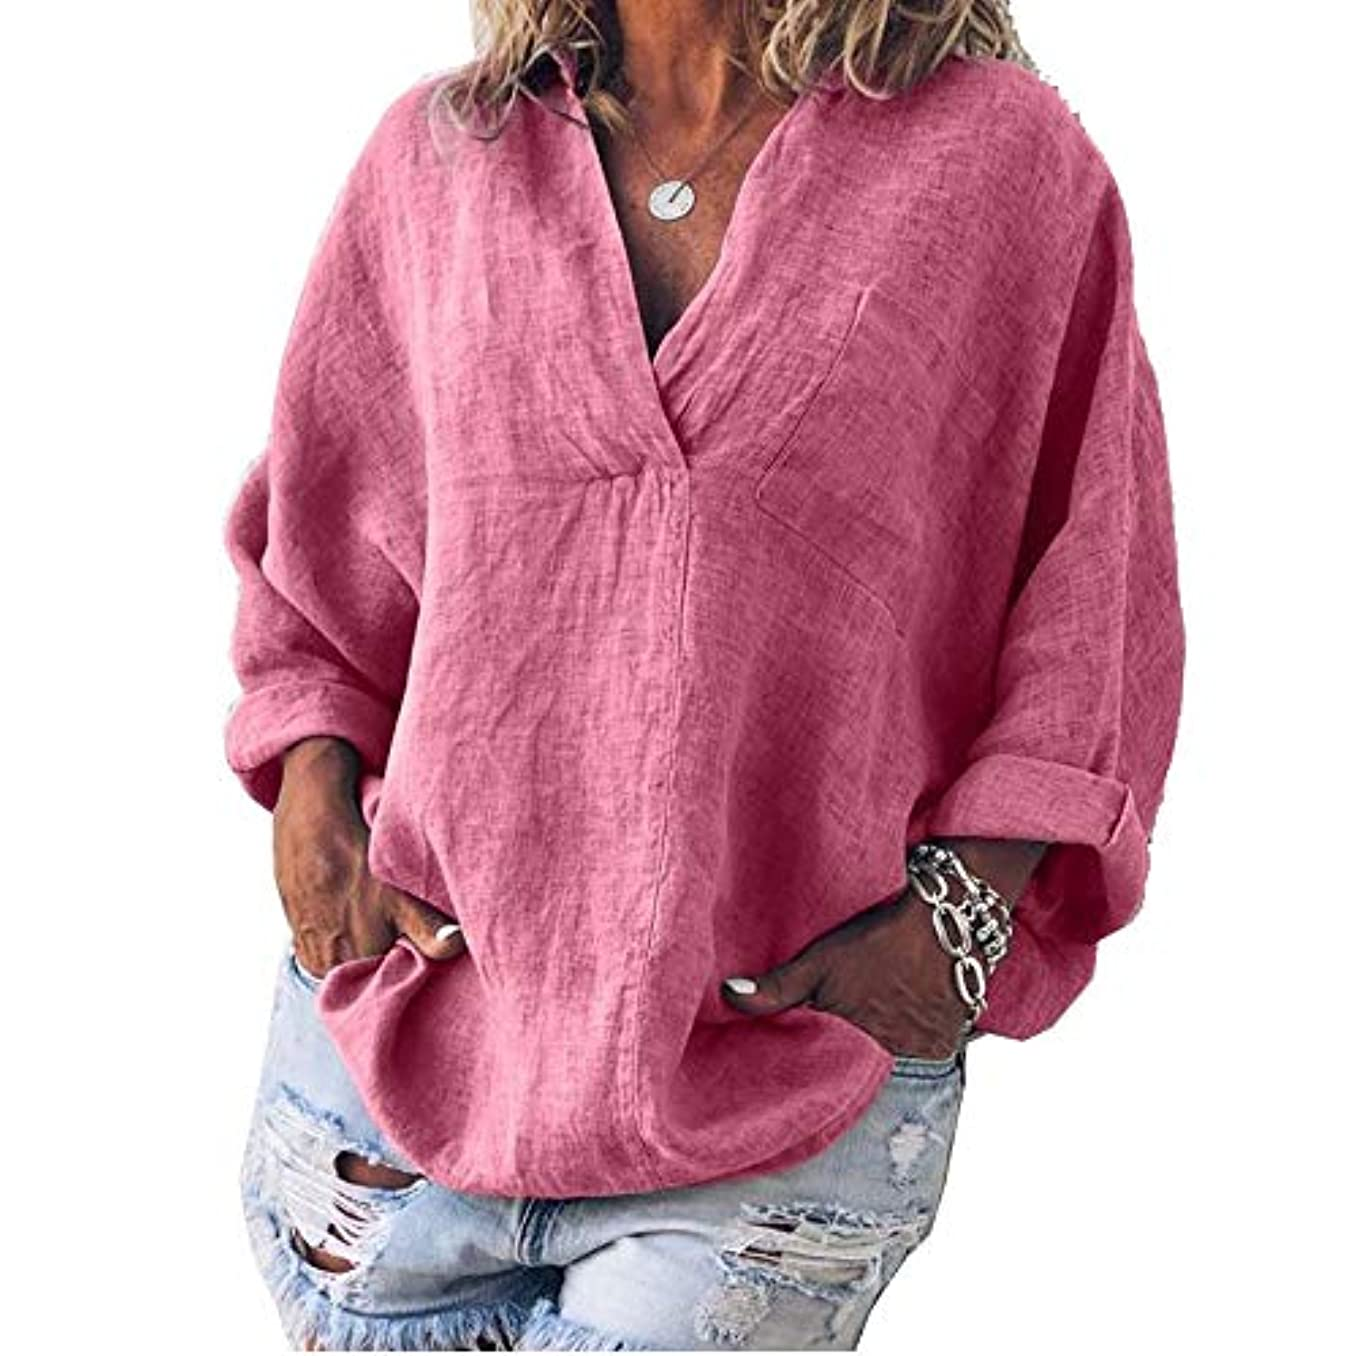 吐き出すブローホール適度なMIFAN女性ファッション春夏チュニックトップス深いVネックTシャツ長袖プルオーバールーズリネンブラウス